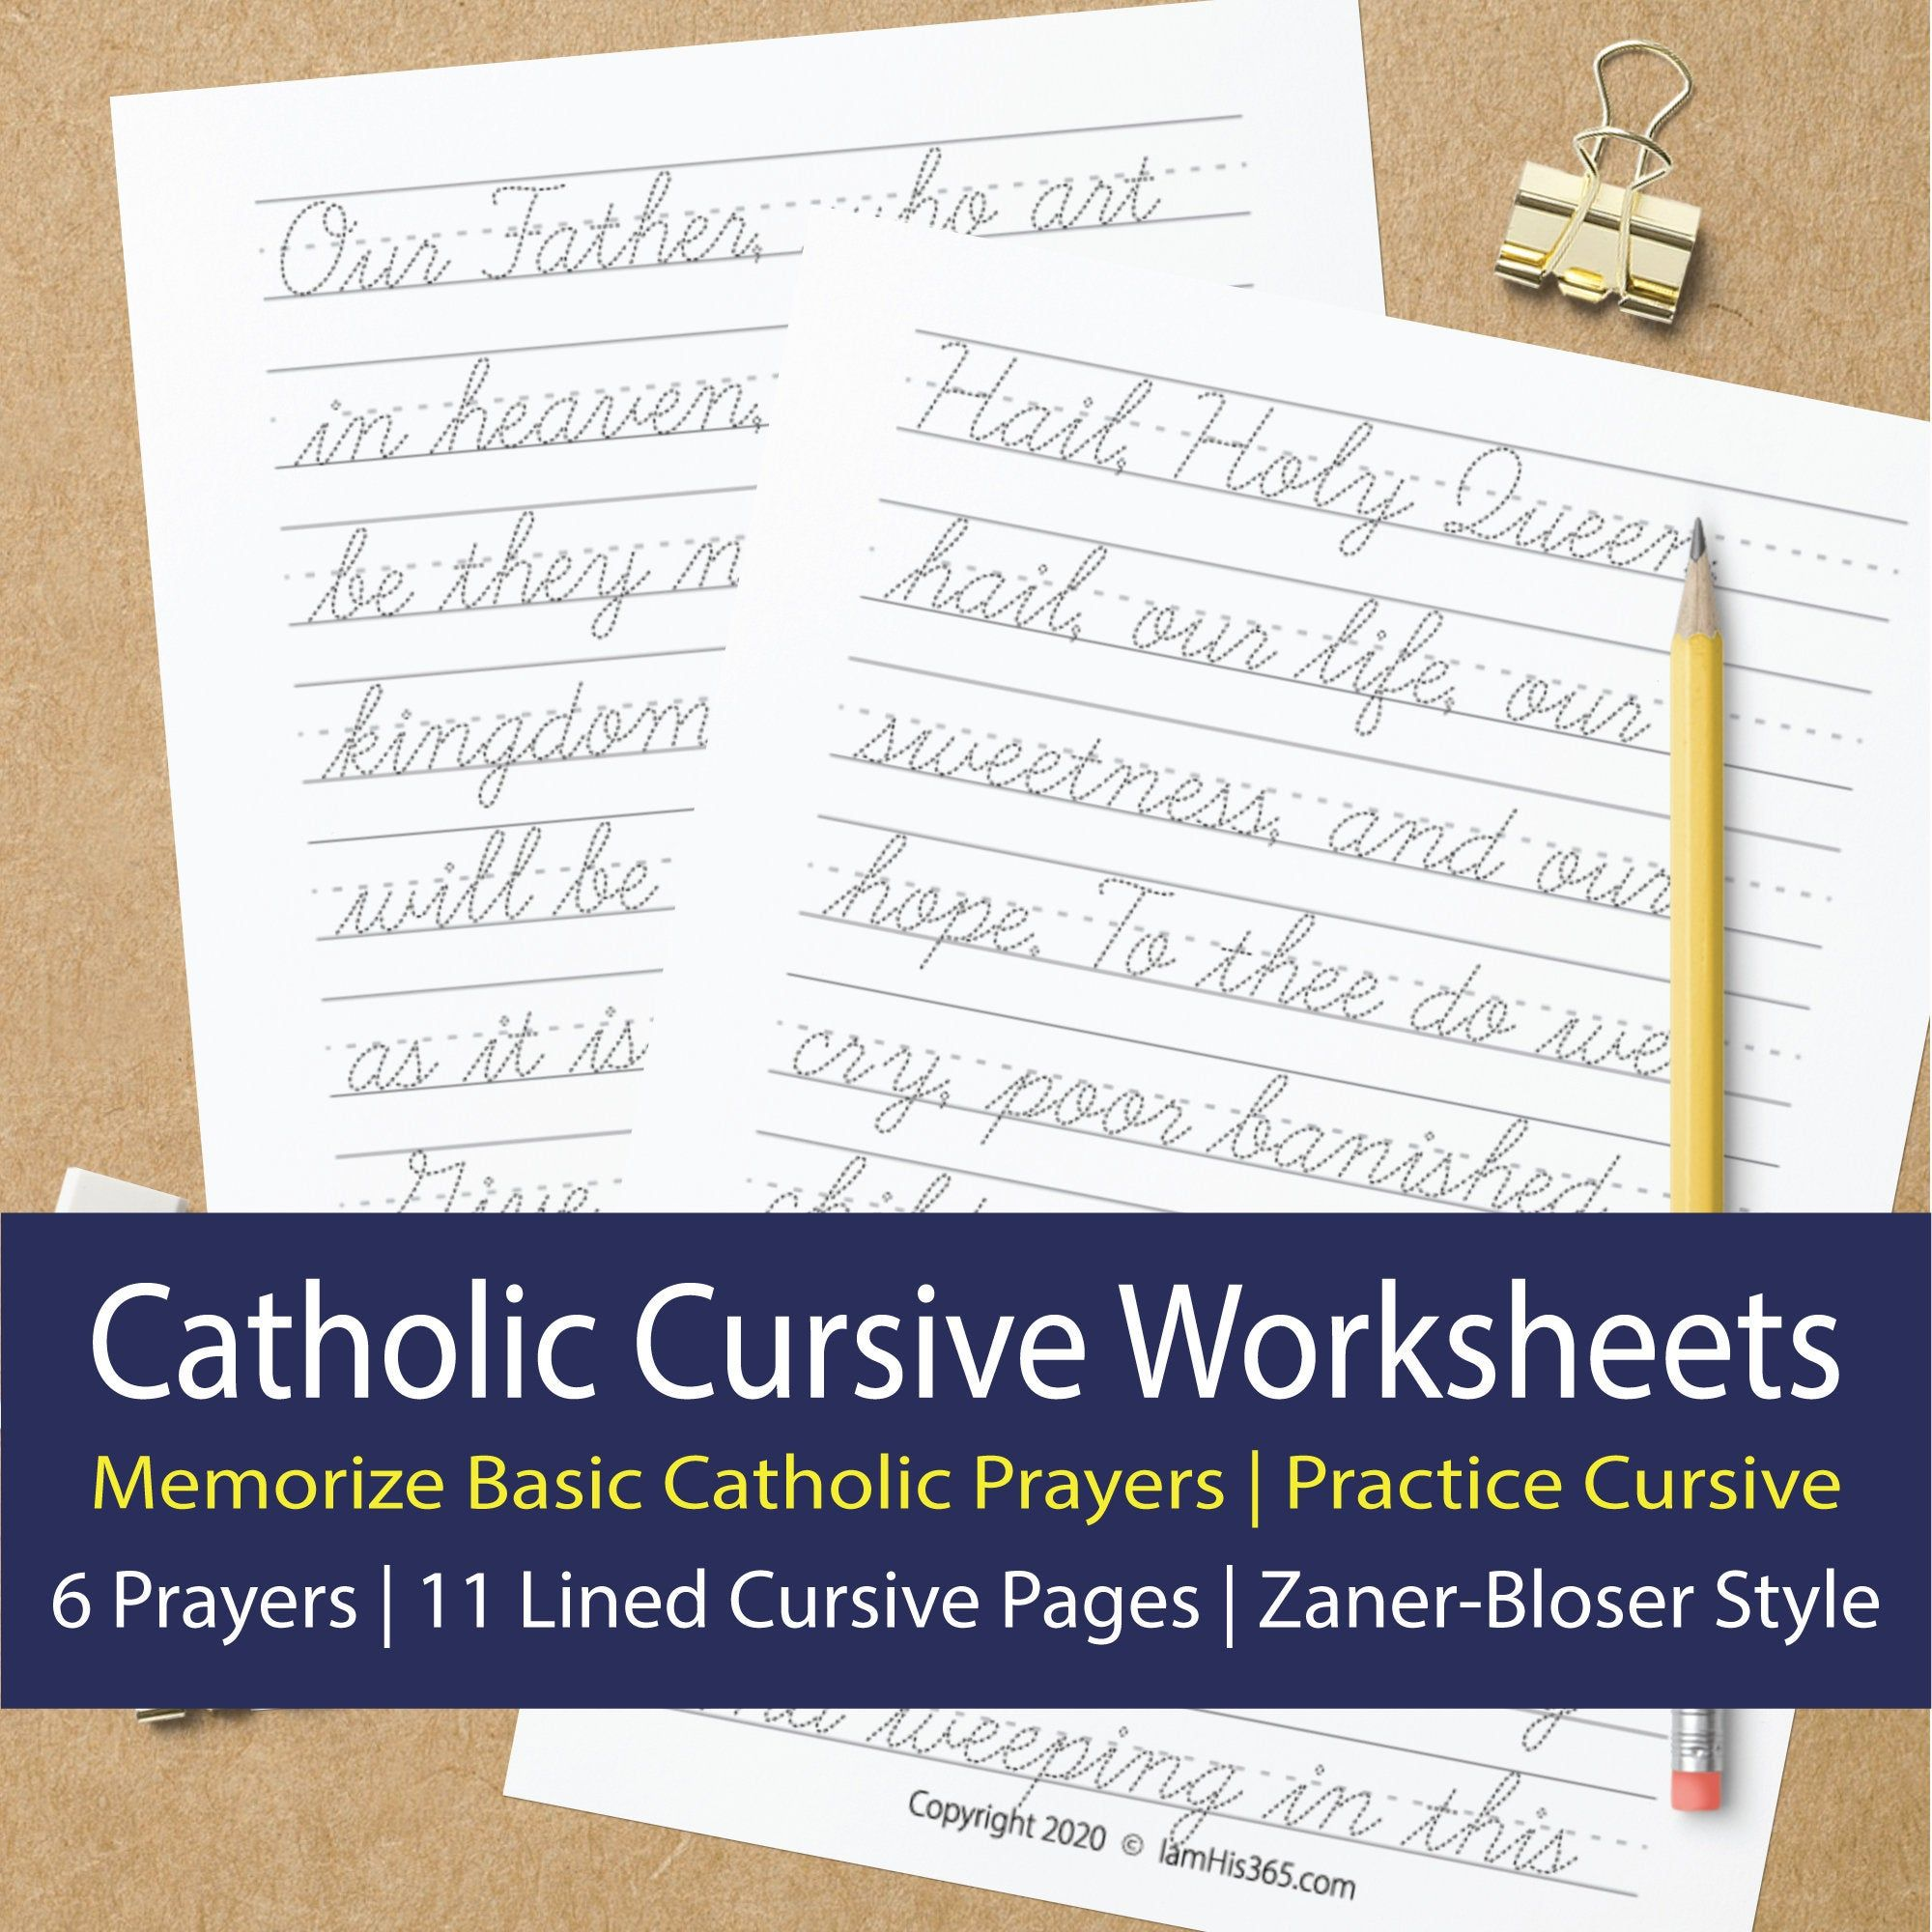 Catholic Cursive Worksheets For Memorizing 6 Basic Prayers Etsy Cursive Worksheets How To Memorize Things Catholic Education [ 2000 x 2000 Pixel ]